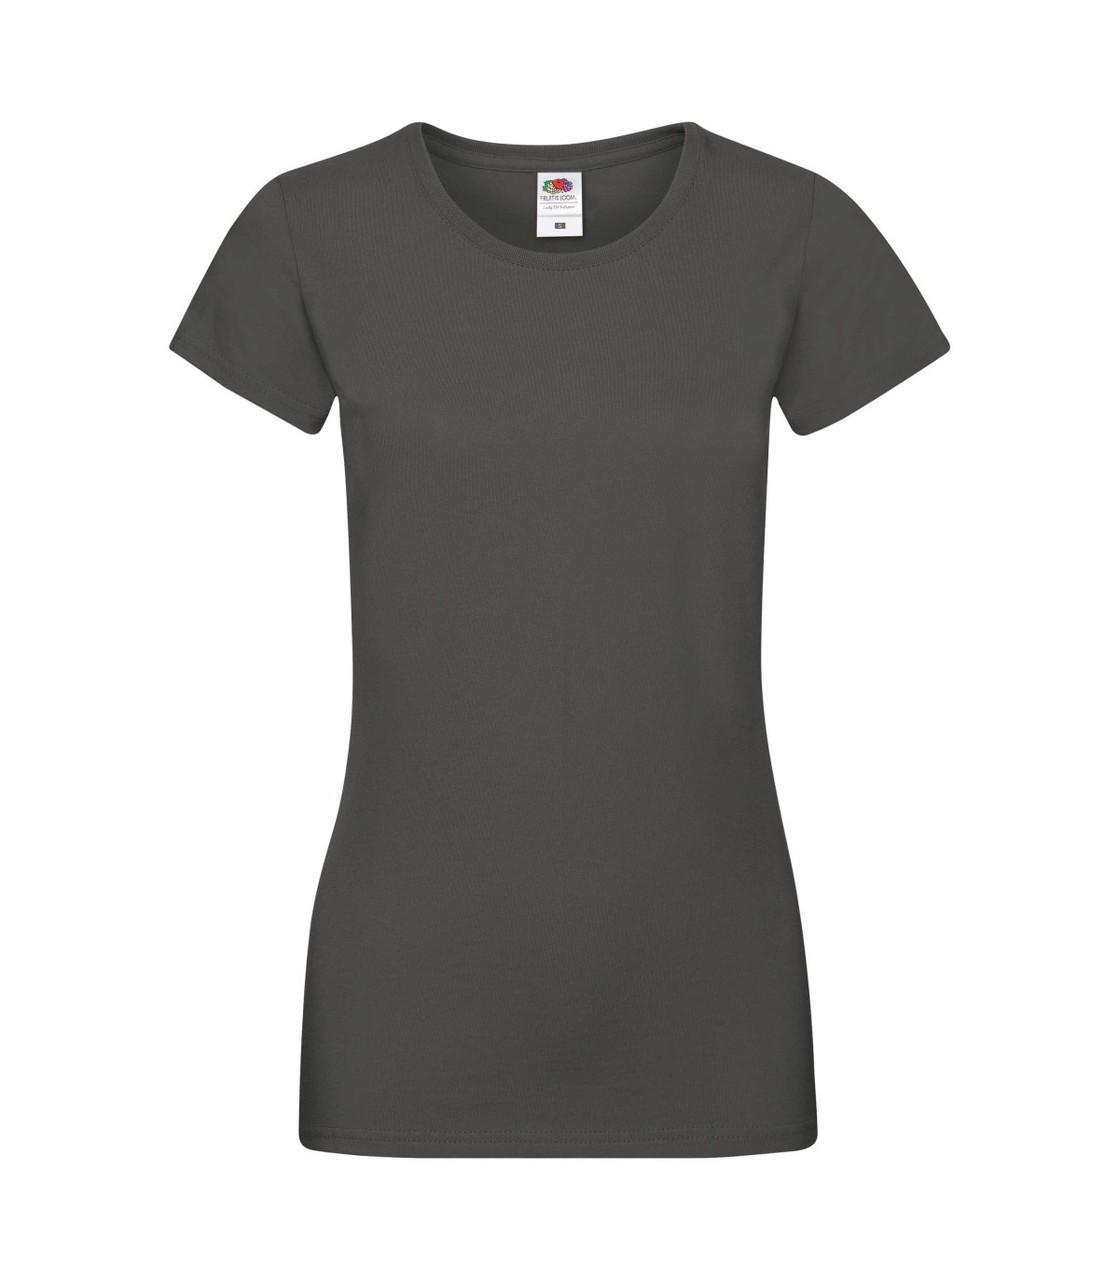 Женская футболка хлопок темно-серая 414-GL